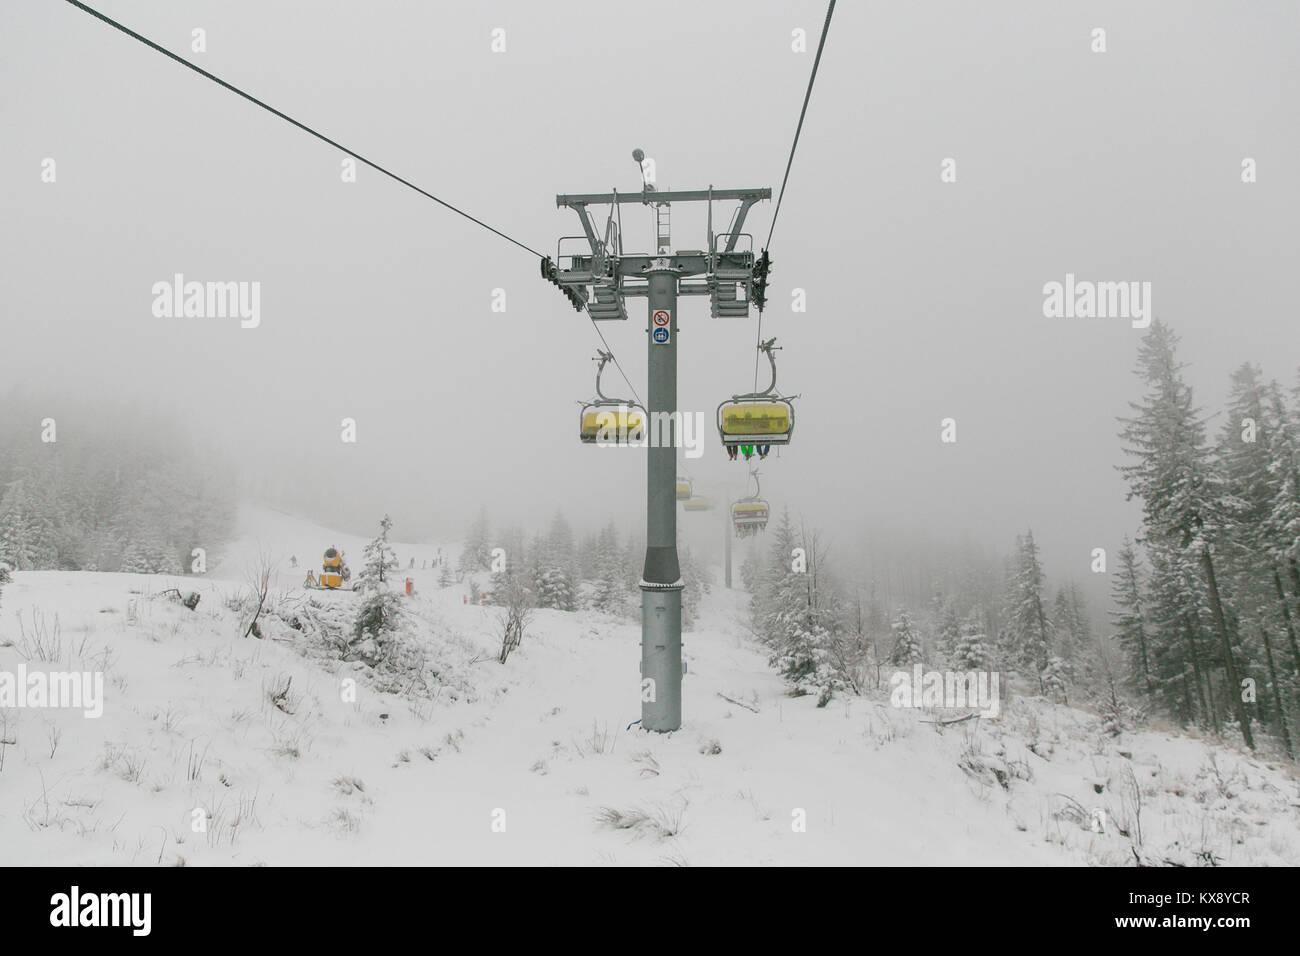 Ski Sessellift bringt Skifahrer und Snowboarder auf den Berg Skrzyczne nach starker Schneefall auf einem nebligen Stockfoto